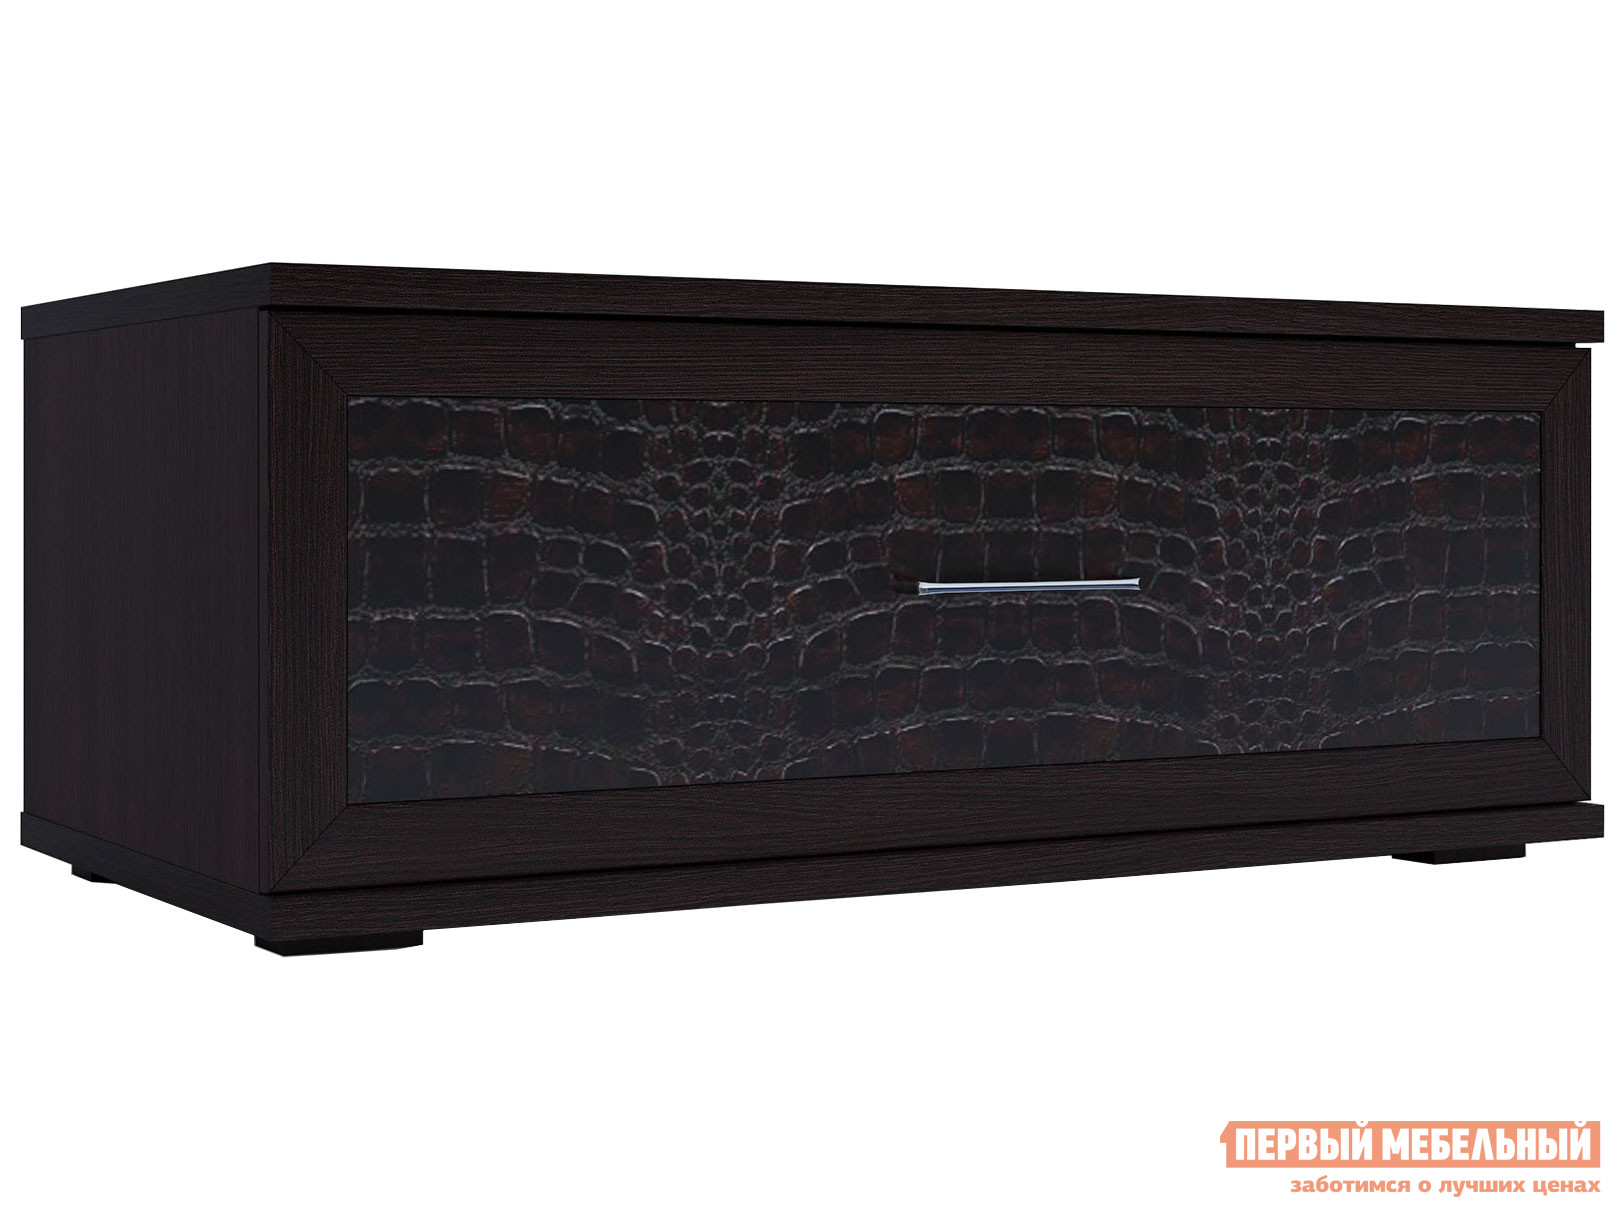 ТВ-тумба Первый Мебельный Тумба для аппаратуры 1050 Парма Люкс